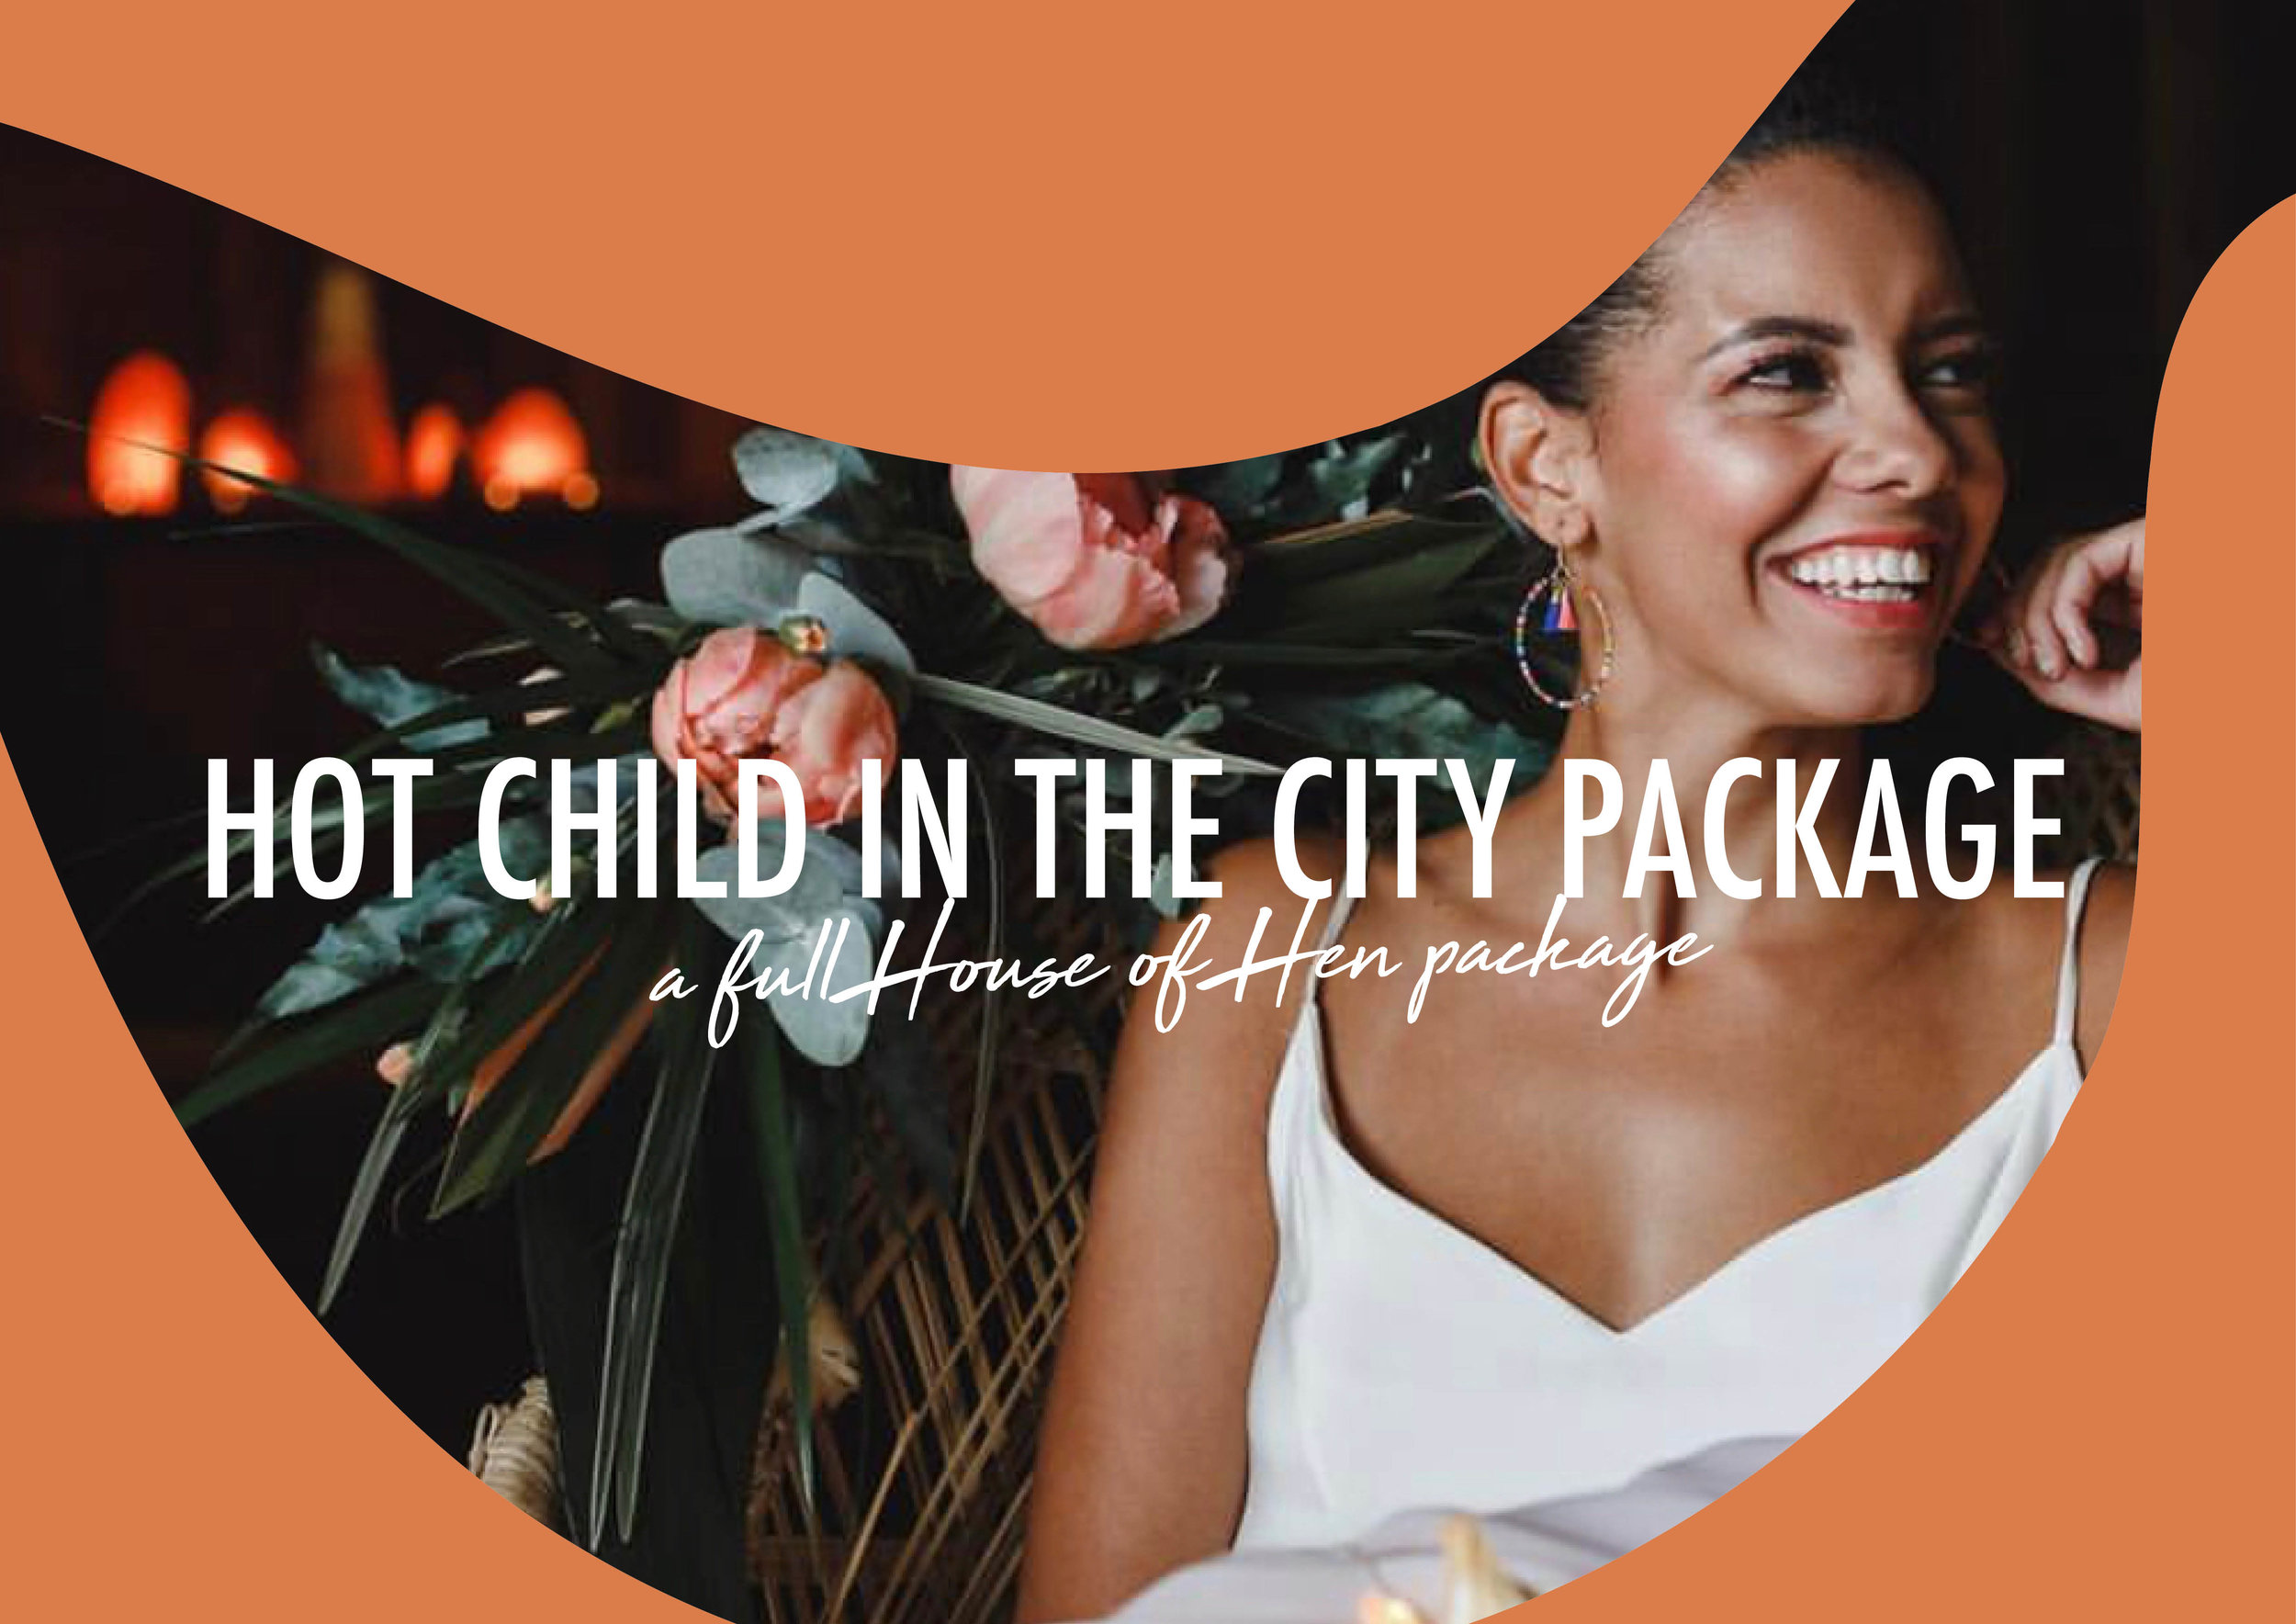 House of Hen_Packages Brochure4.jpg